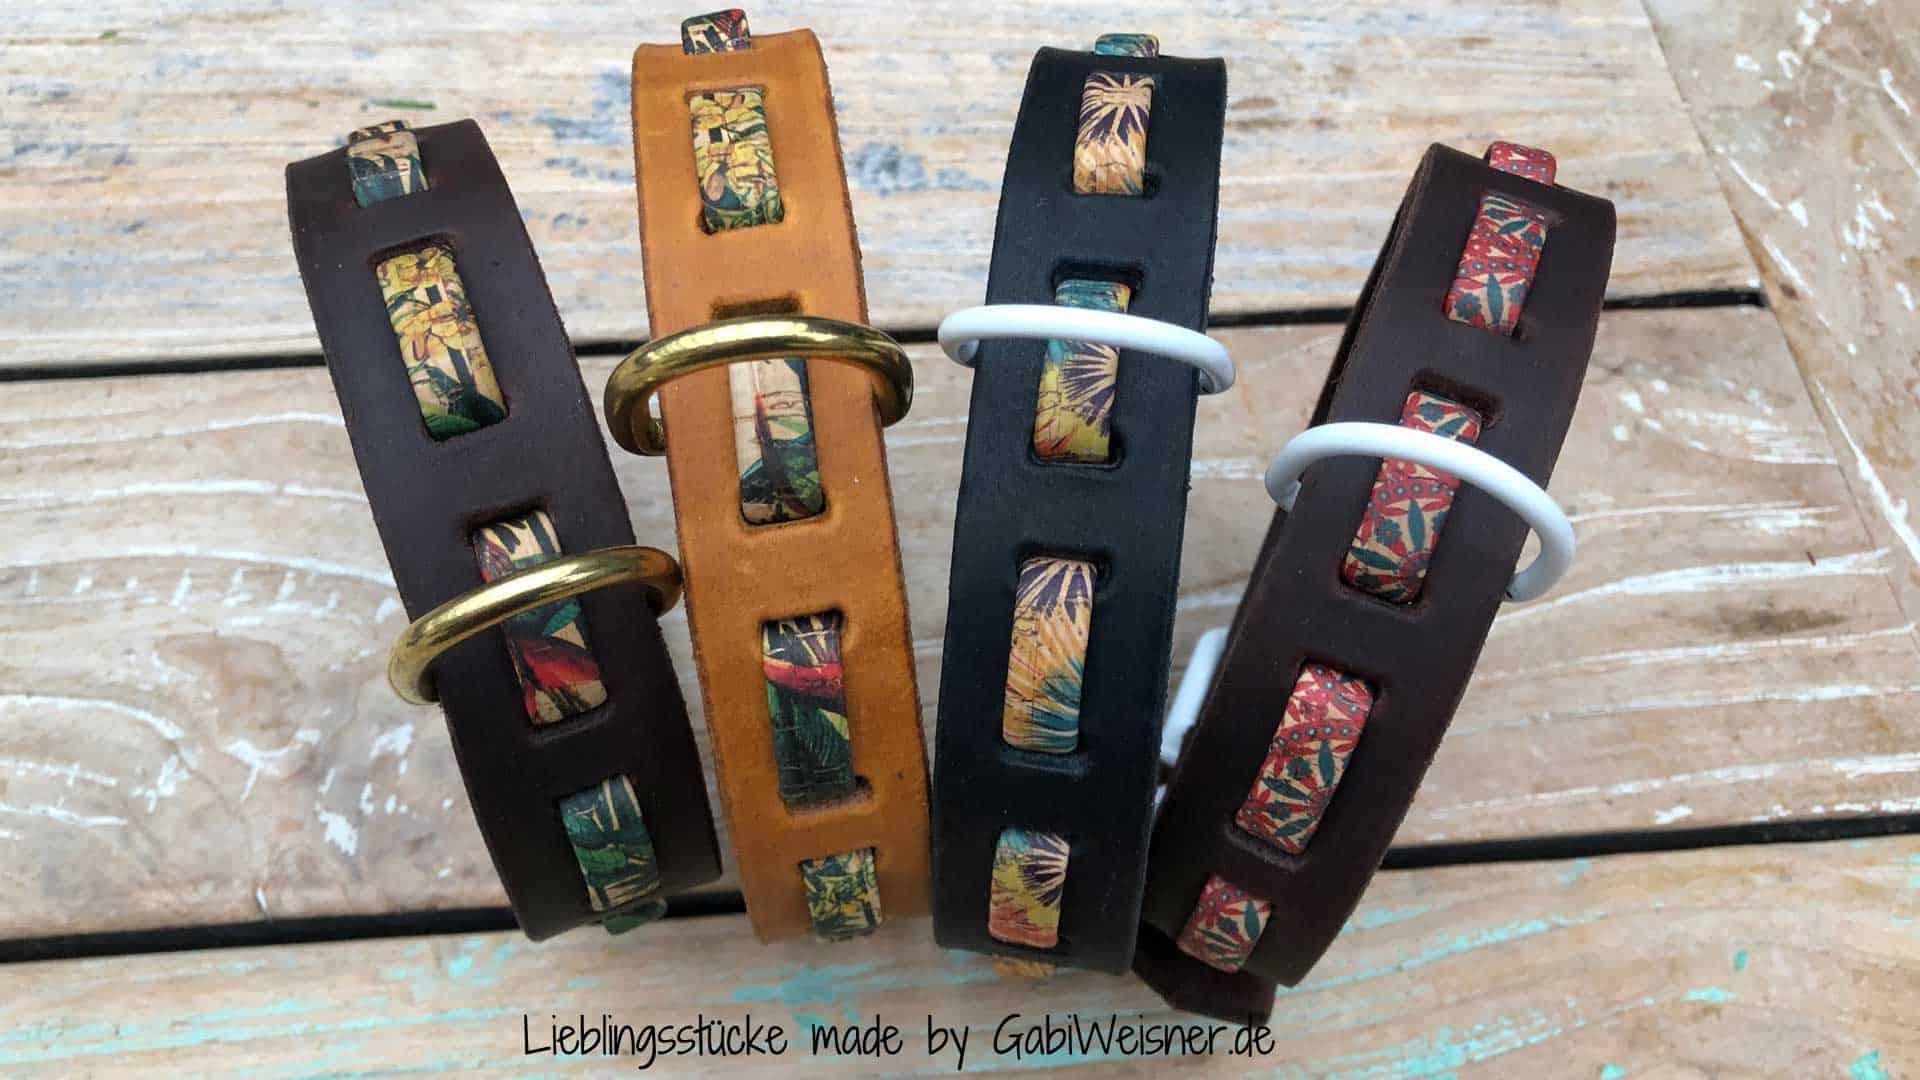 Hundehalsband Dschungel-Look. Leder 3 cm breit dekoriert mit Korkband